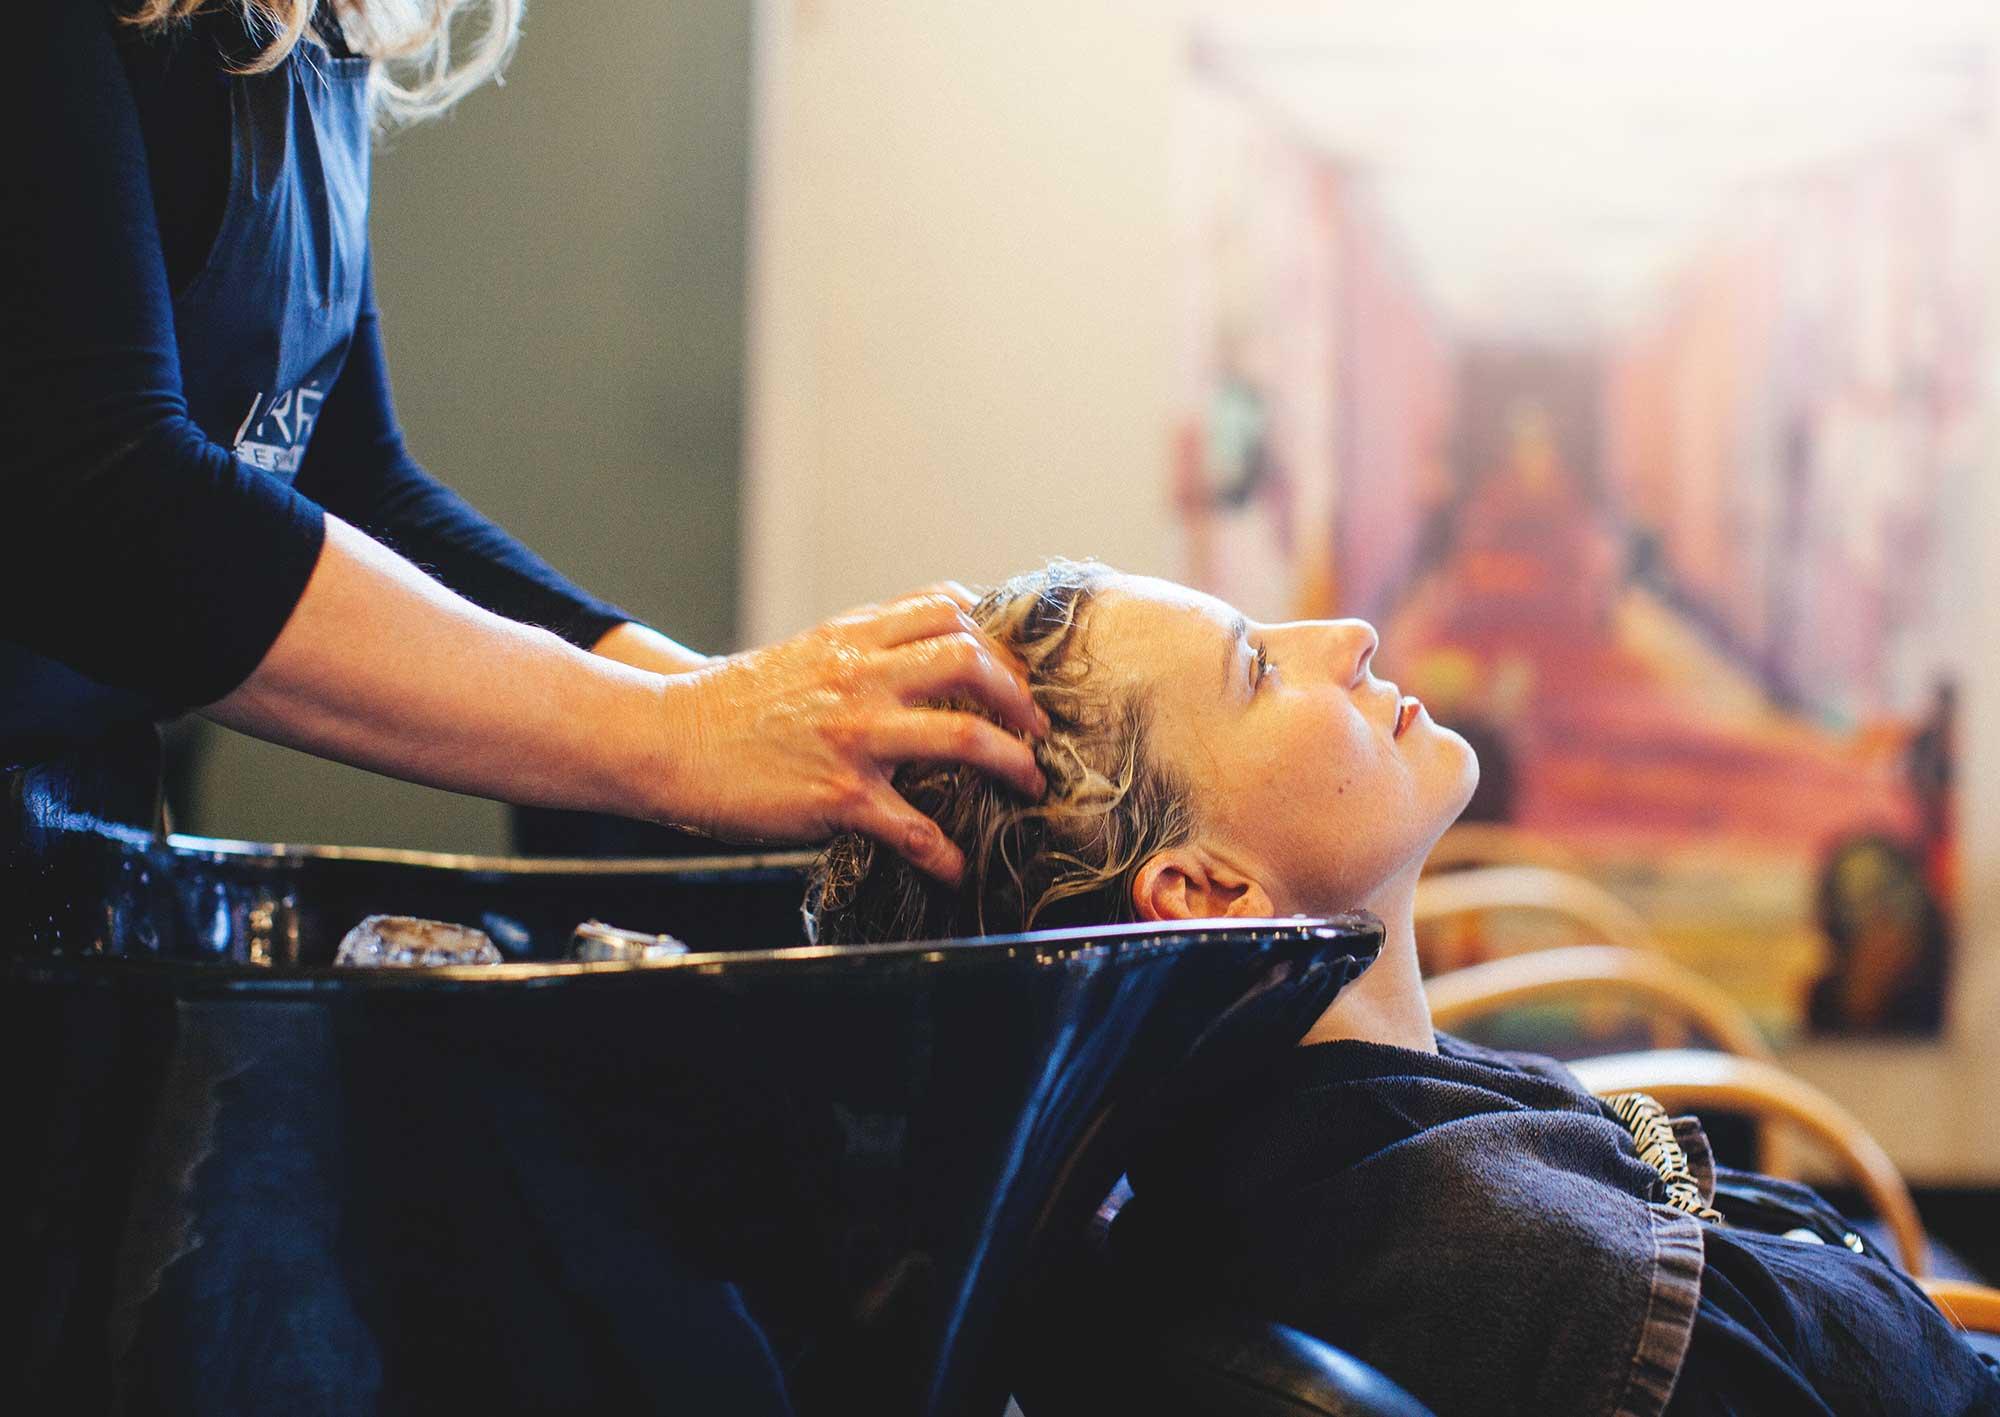 cristy-carner-salon-IMG_9289.jpg